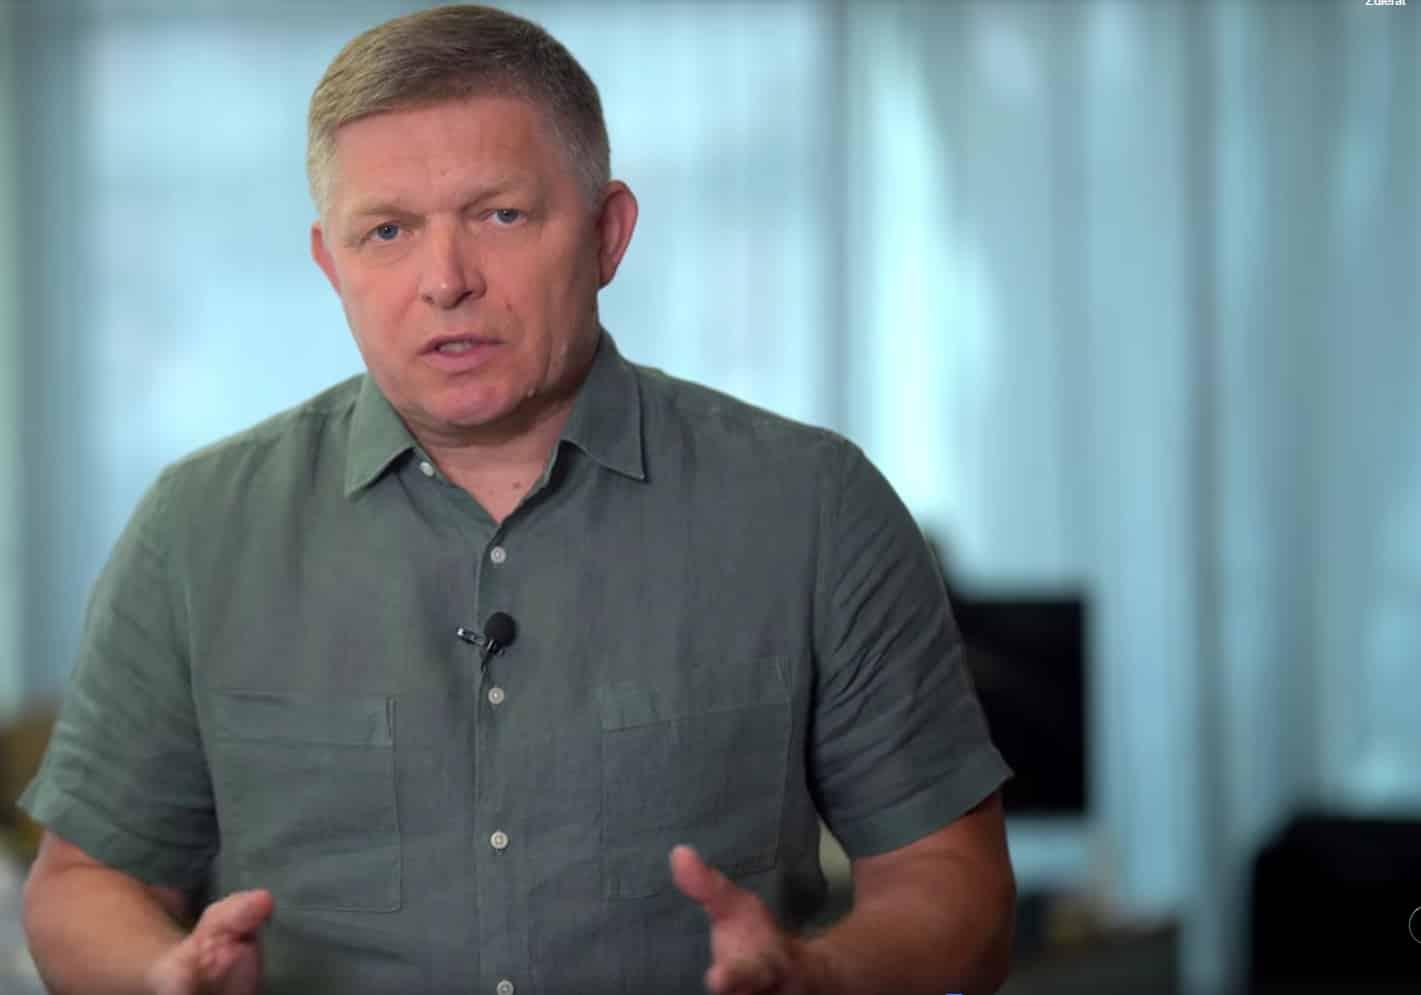 R. Fico bude informovať na tlačovej besede české média, nakoľko slovenské kryjú koaličné zločiny. 1